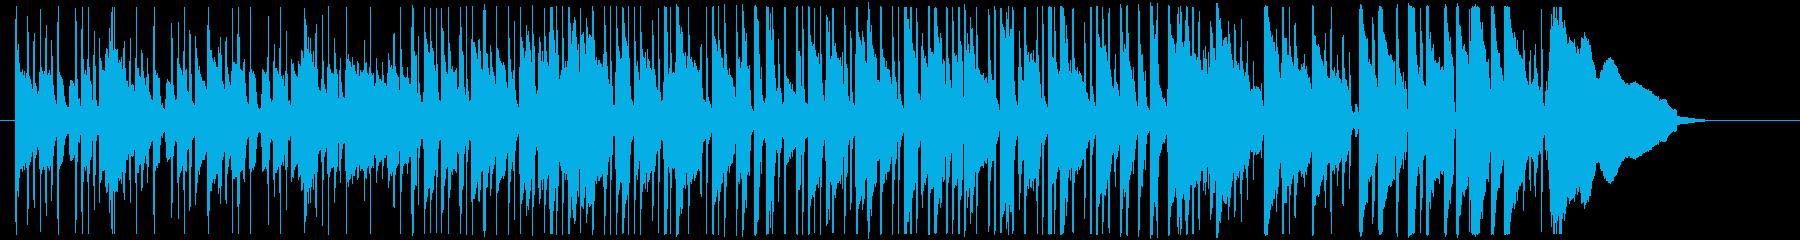 ラテン ジャズ ブルース アクティ...の再生済みの波形